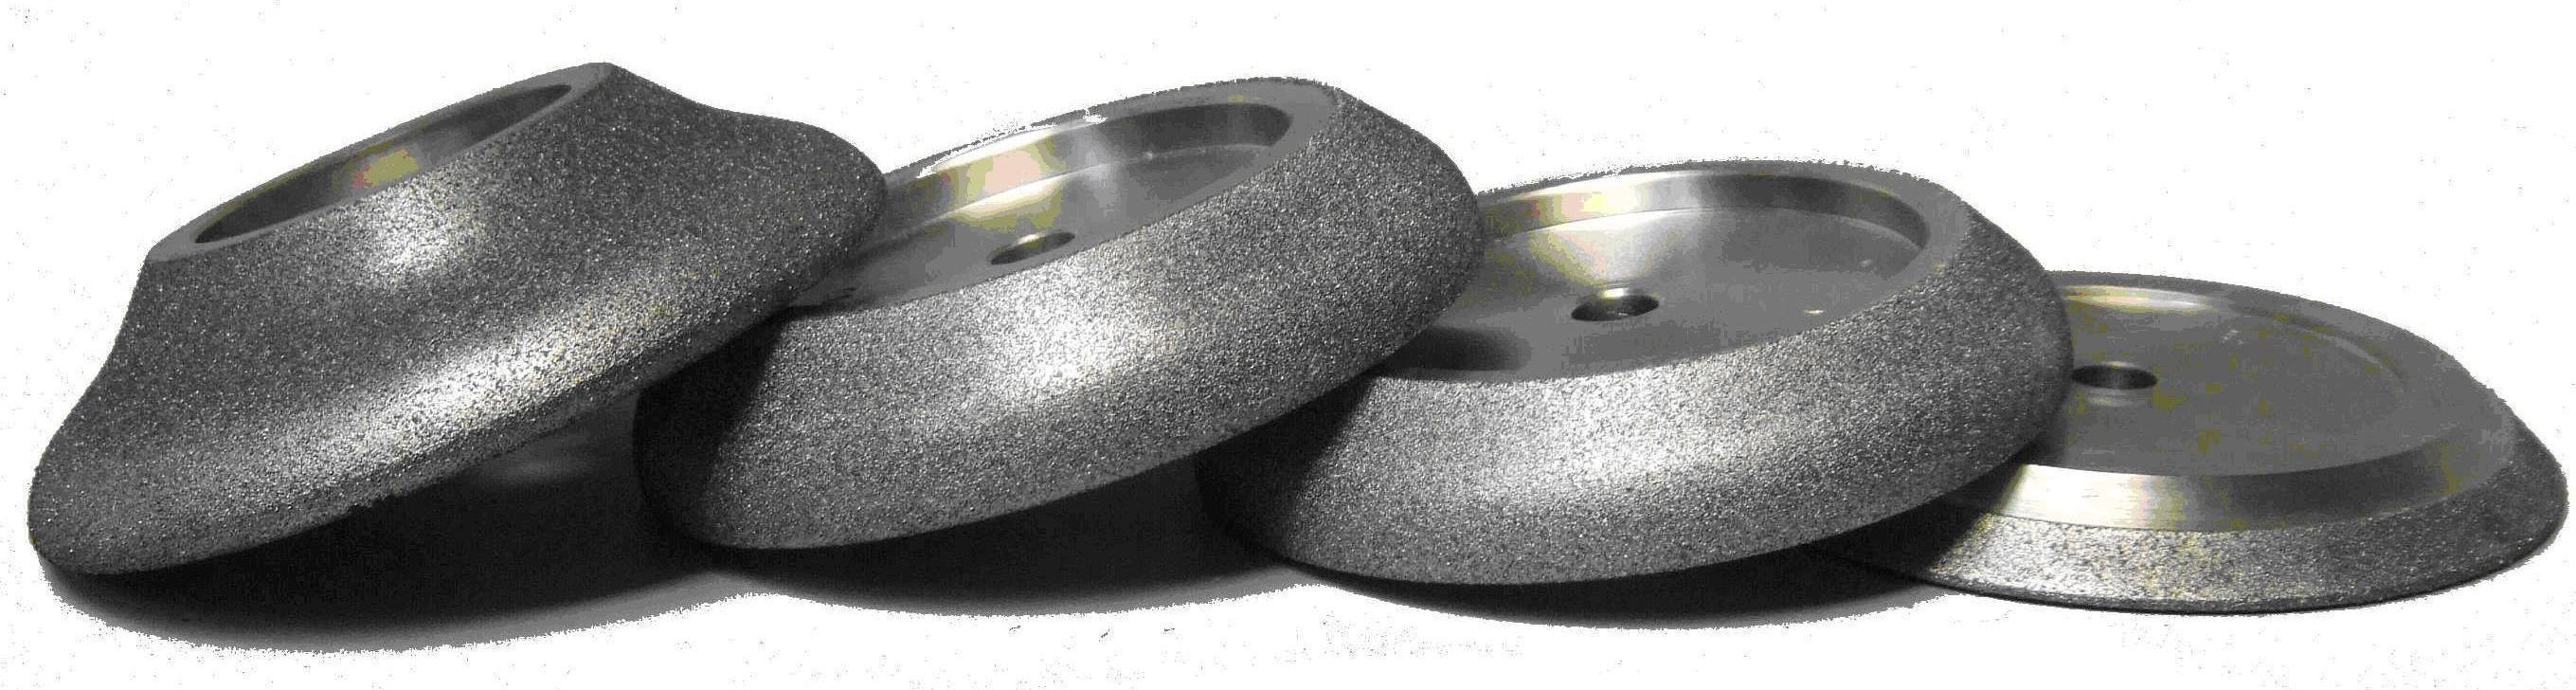 Эльборовые круги, имеющие разную форму.